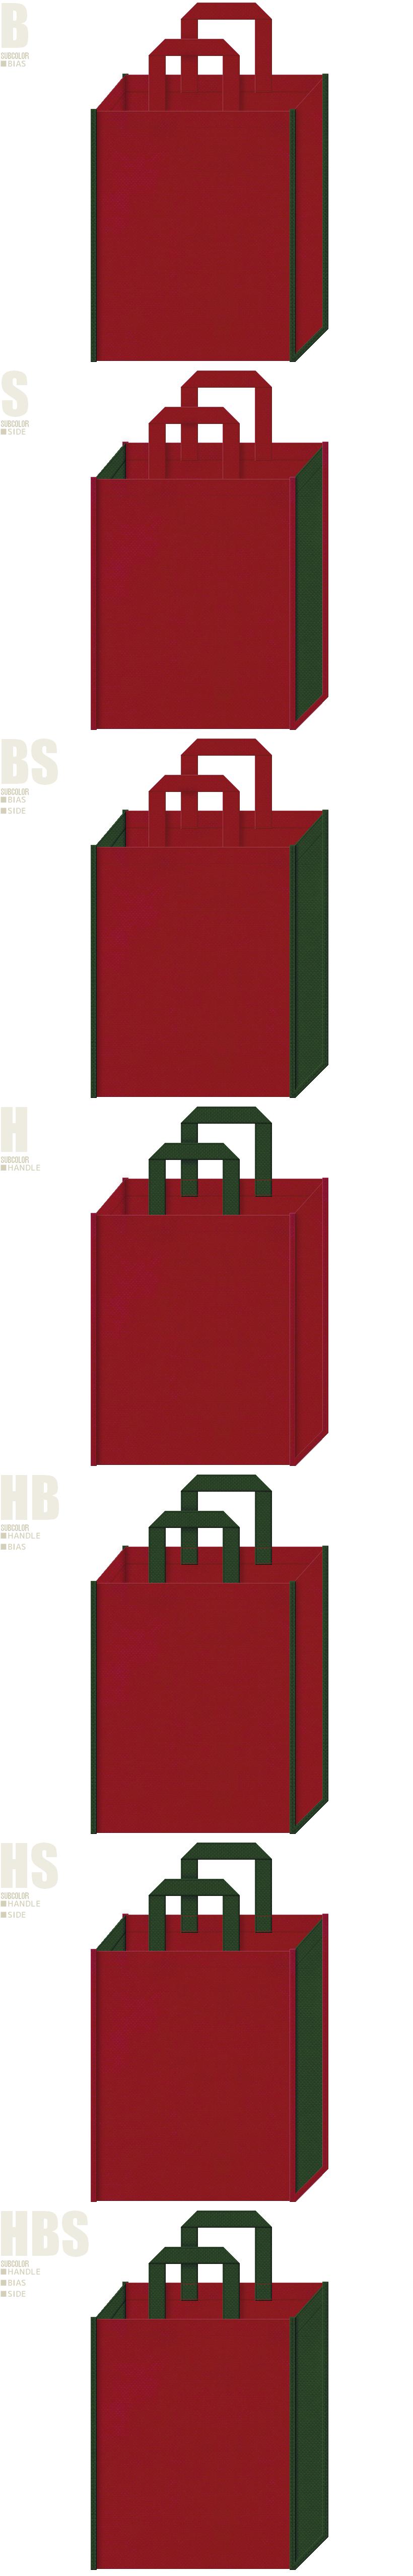 歌舞伎・和風催事にお奨めの不織布バッグデザイン:エンジ色と濃緑色の配色7パターン